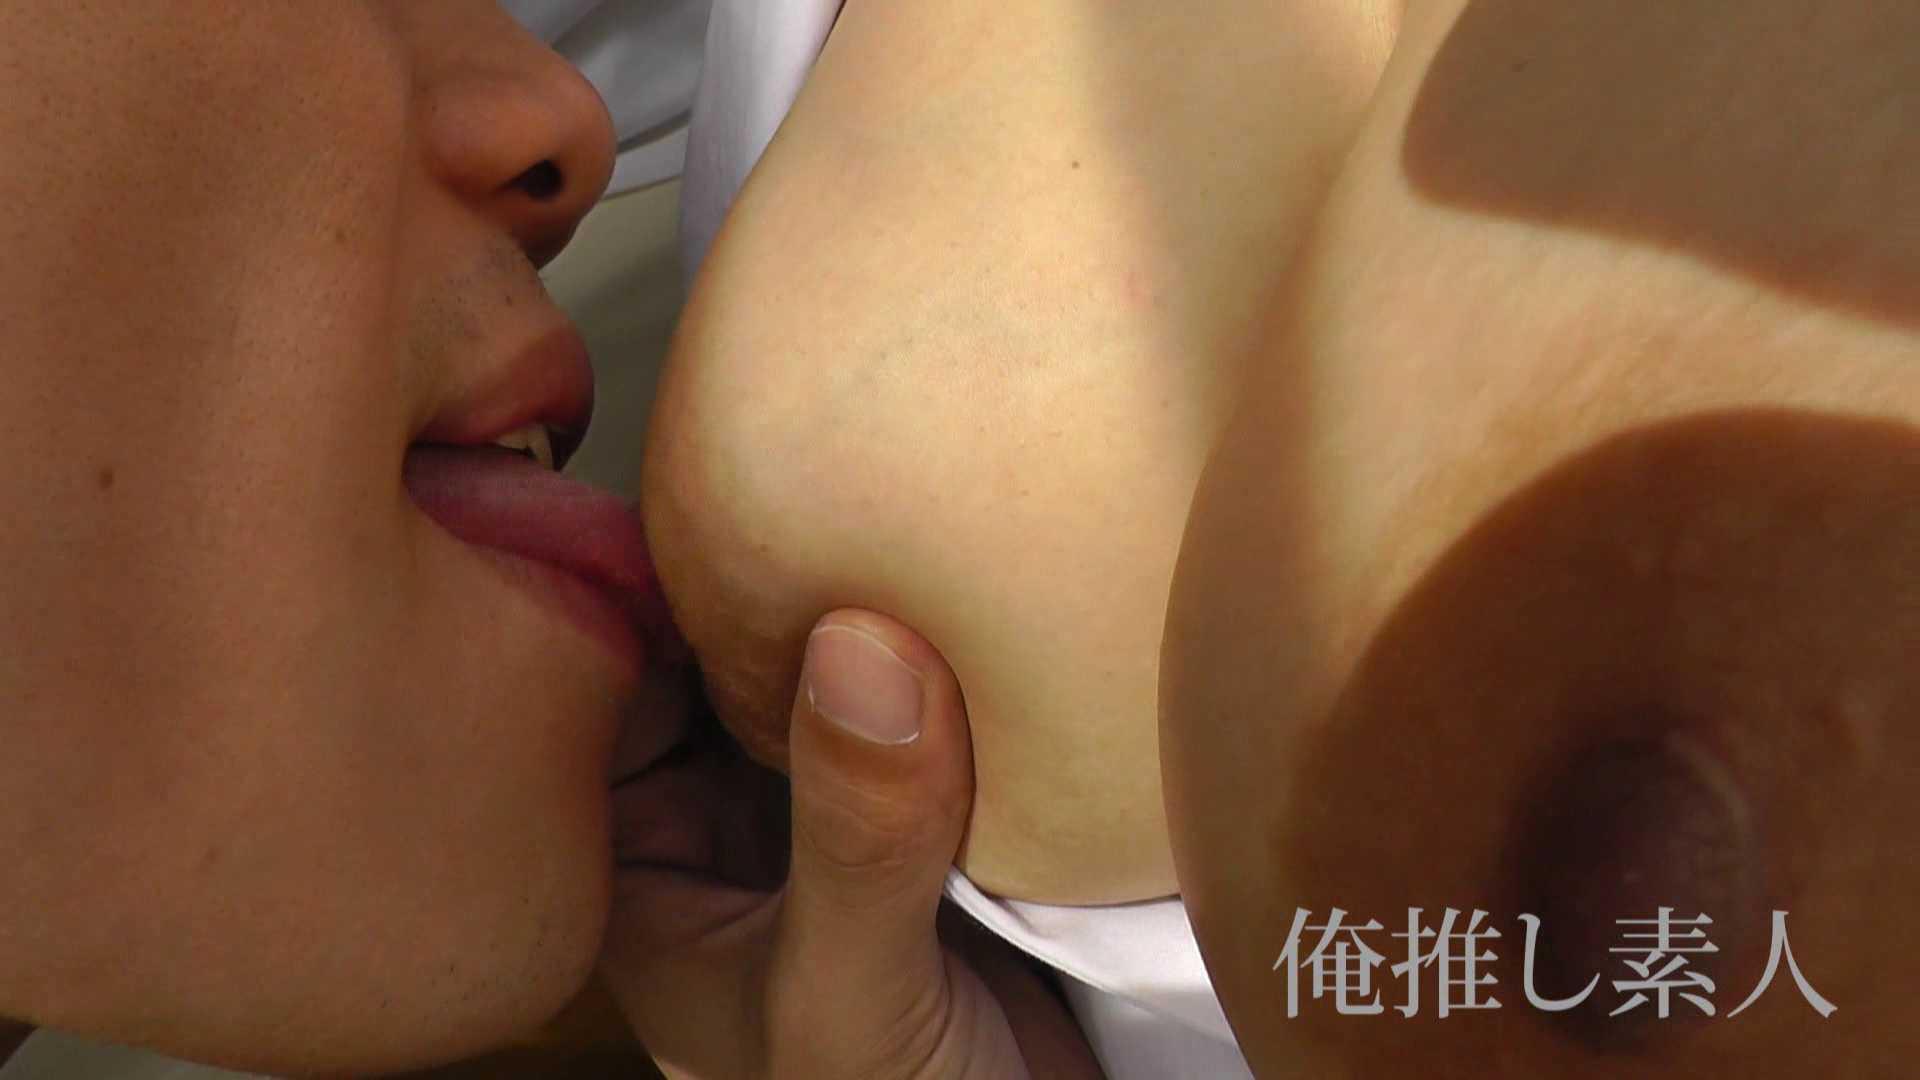 俺推し素人 30代人妻熟女キャバ嬢雫 おっぱい特集  106pic 104